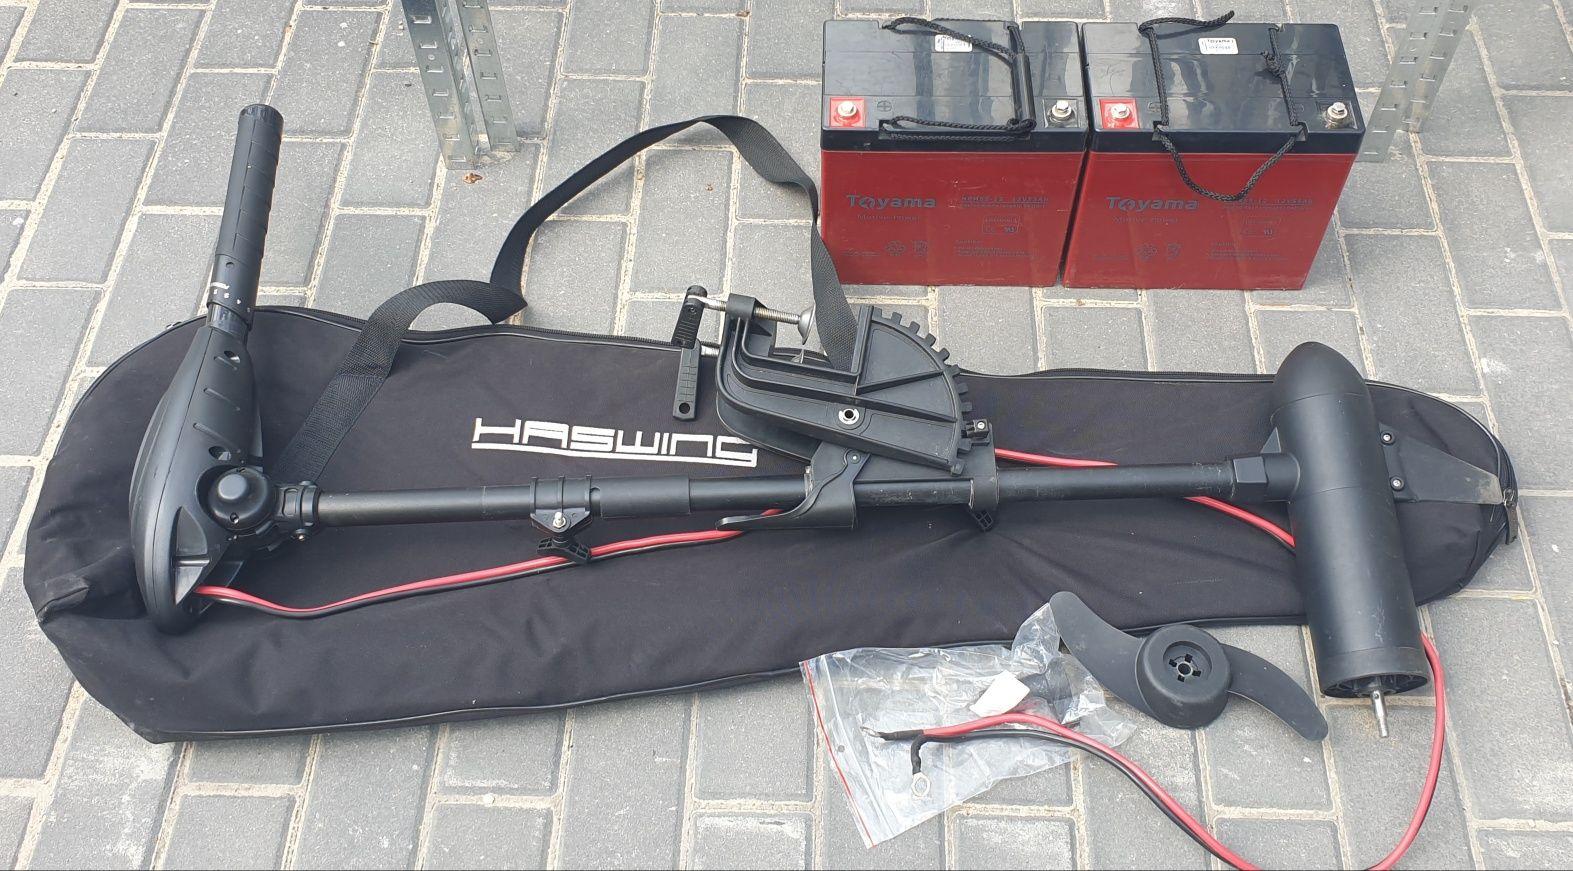 Silnik Haswing Osapian 40lb plus dwa akumulatory